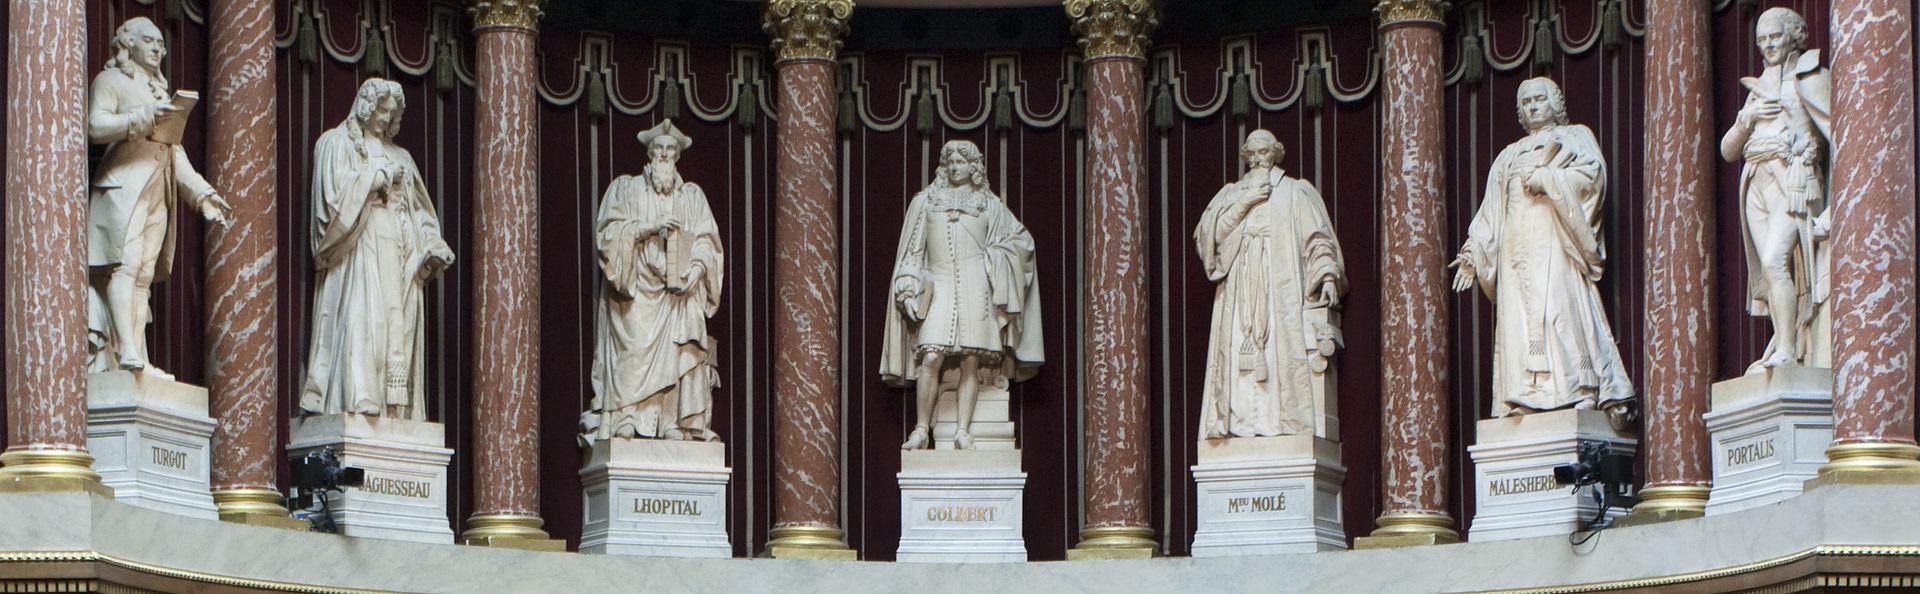 พระราชวังลักเซมบูร์ก-รูปปั้นบรรดานักคิดของฝรั่งเศส